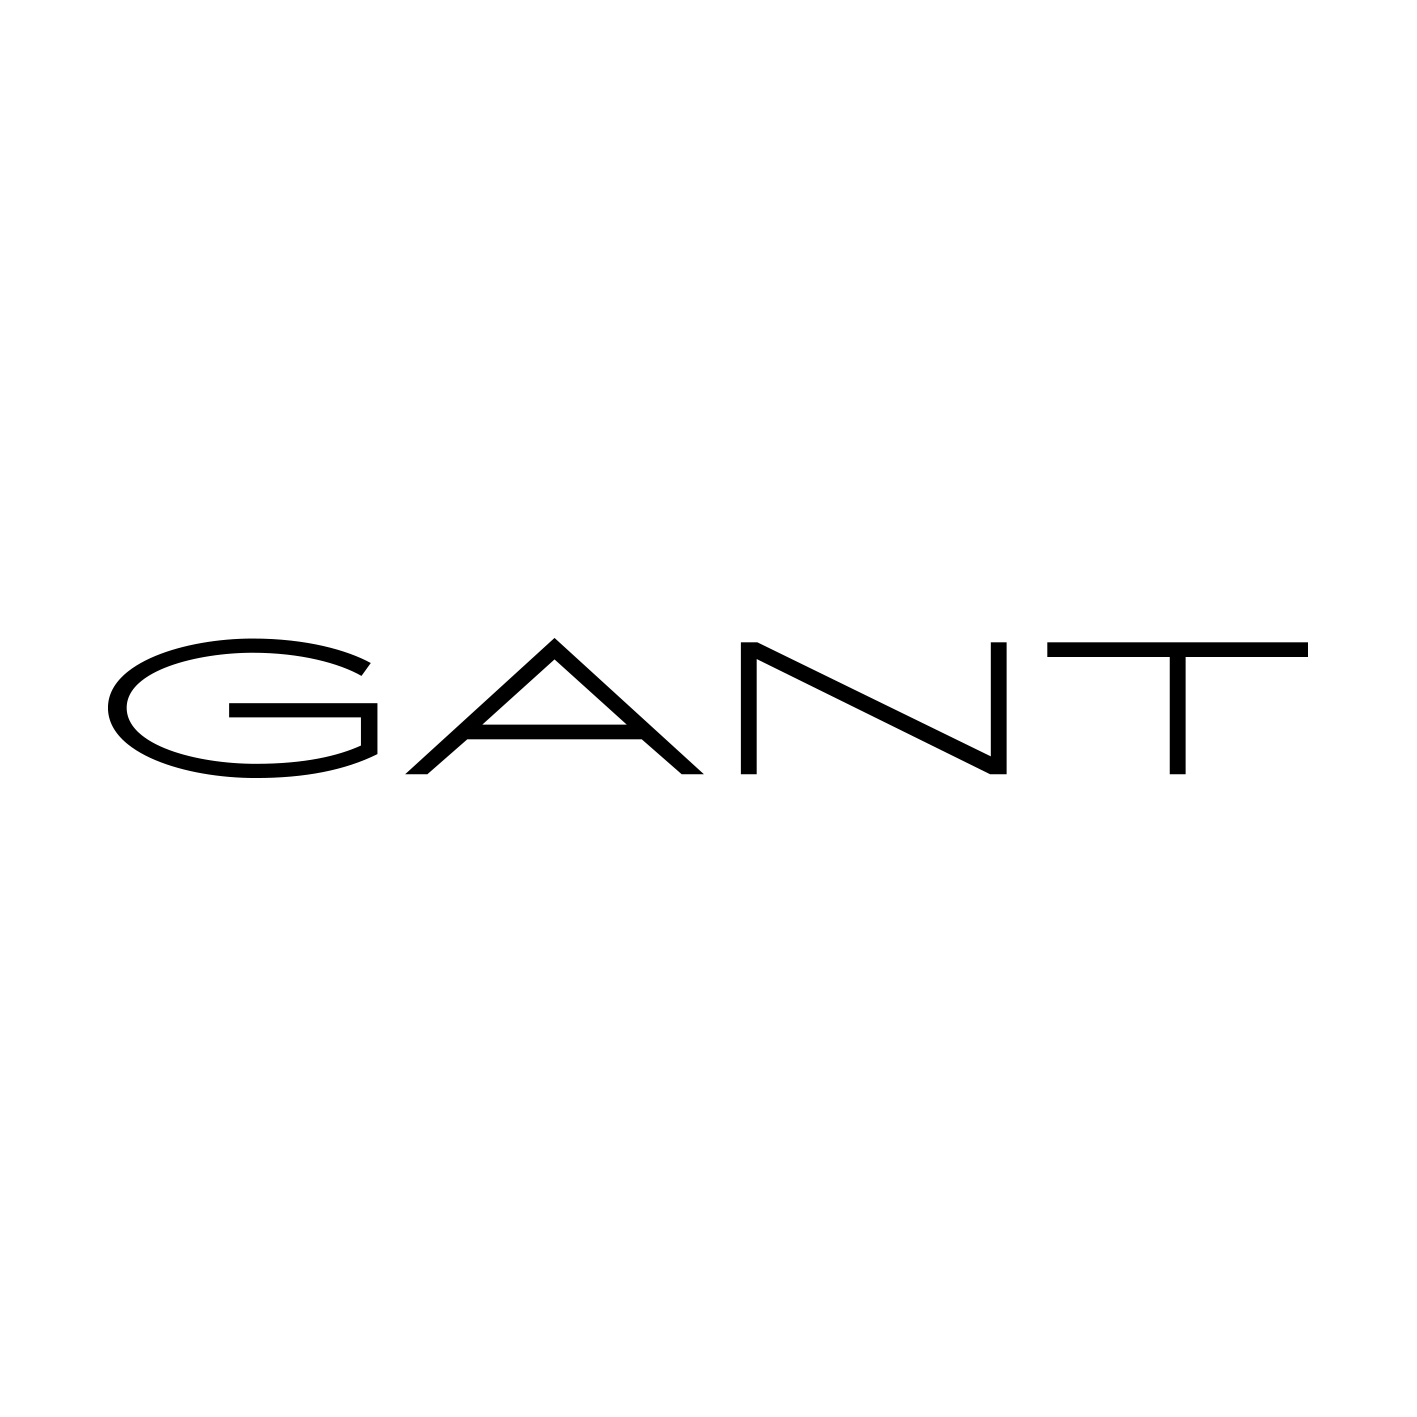 gant-new-logo1.jpg